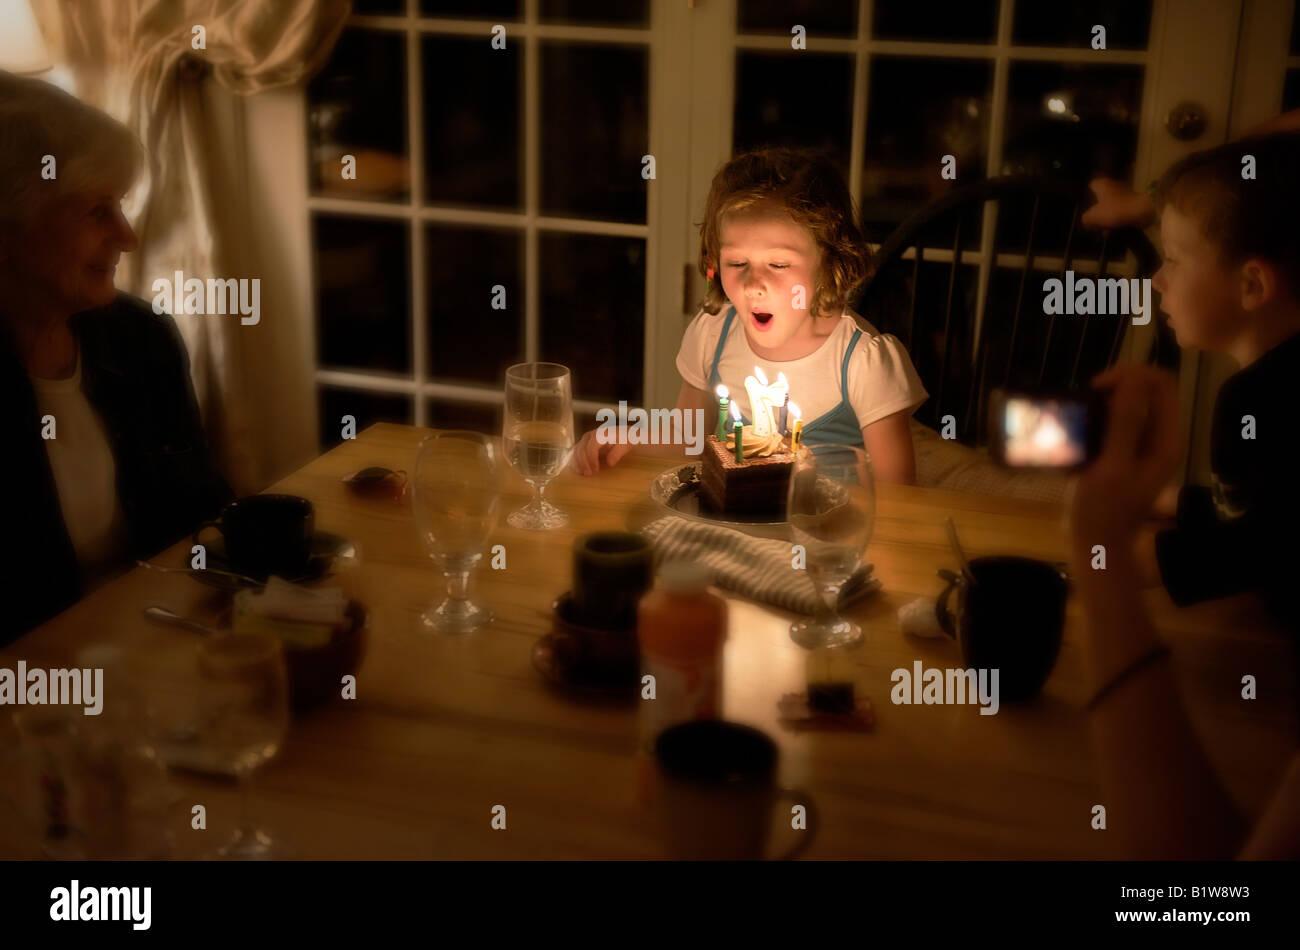 Los siete años de edad, niña sopla las velas de su tarta de cumpleaños Imagen De Stock